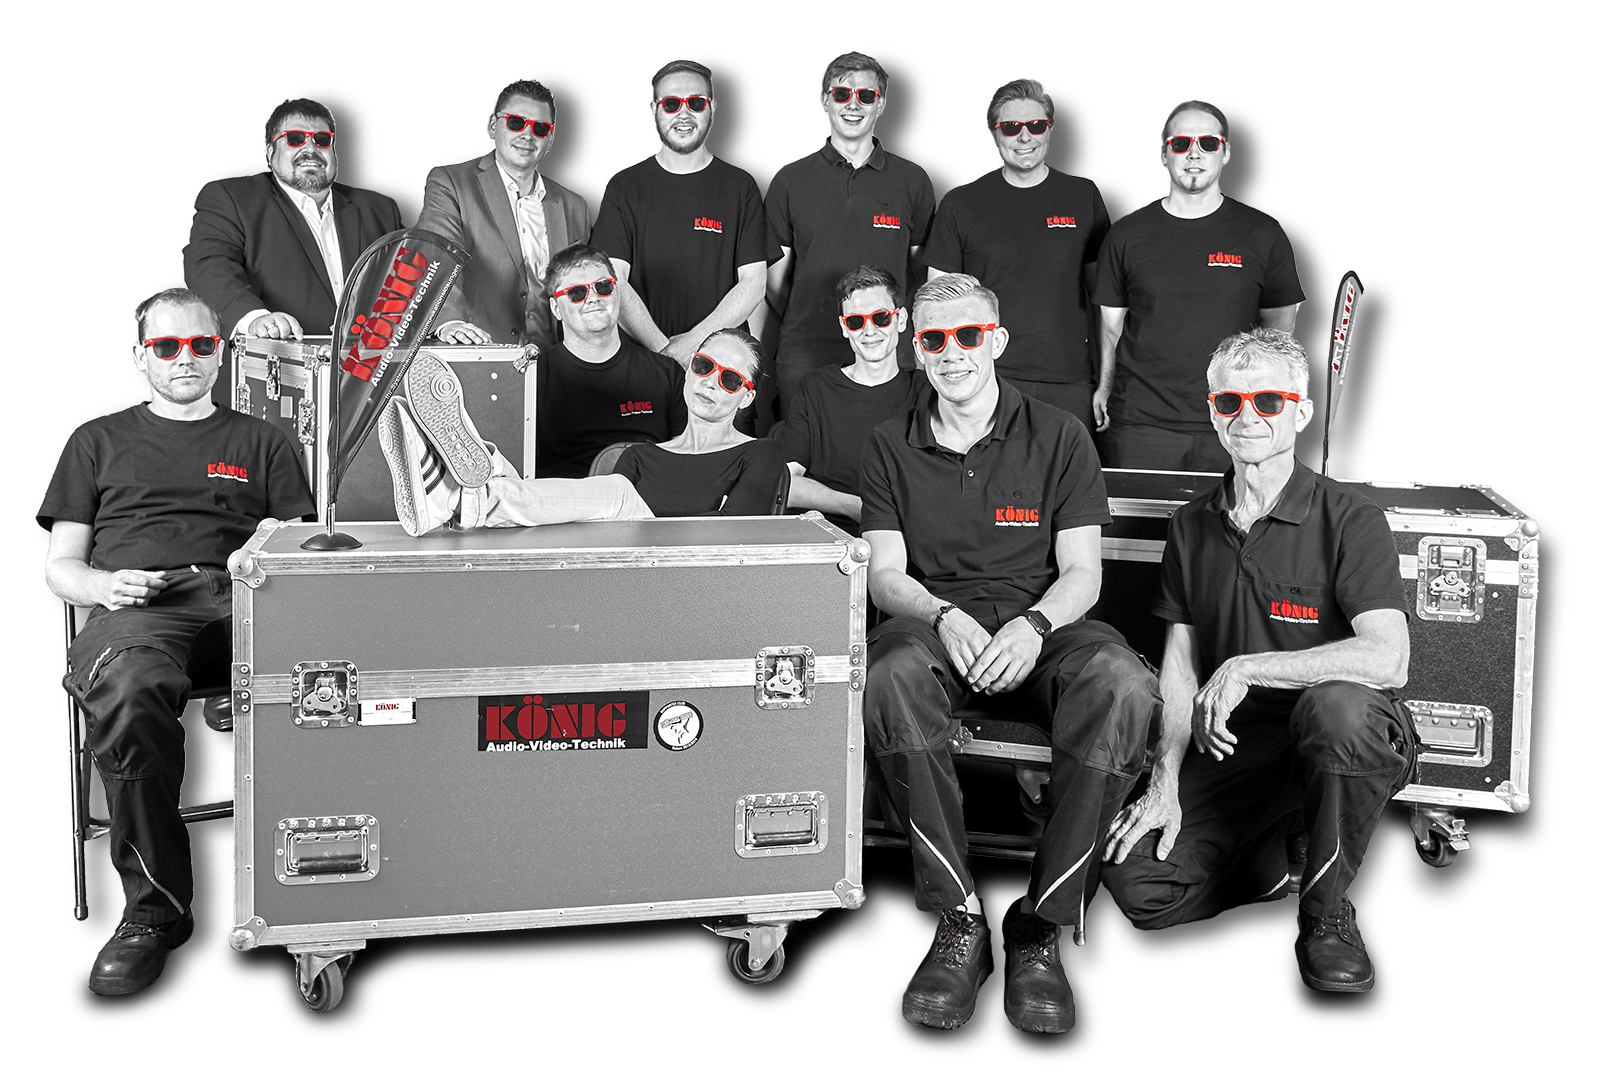 Die Menschen hinter KÖNIG Audio-Video-Technik - Teamfoto